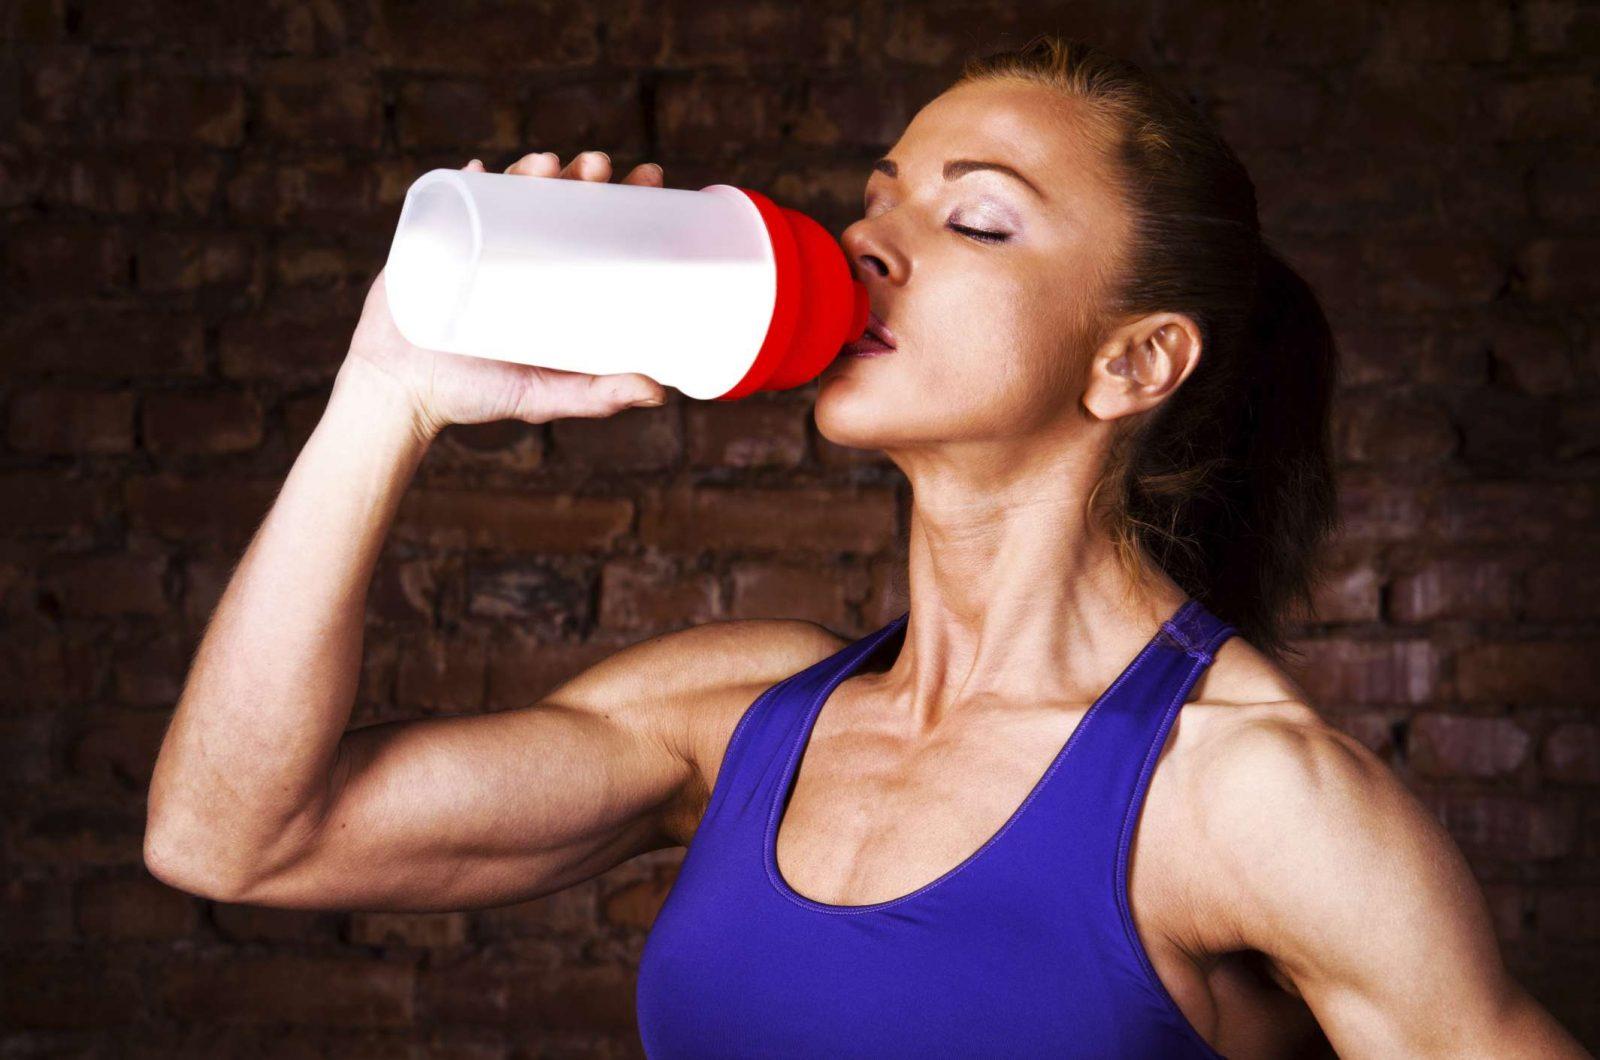 Девушка пьет протеиновый напиток из шейкера